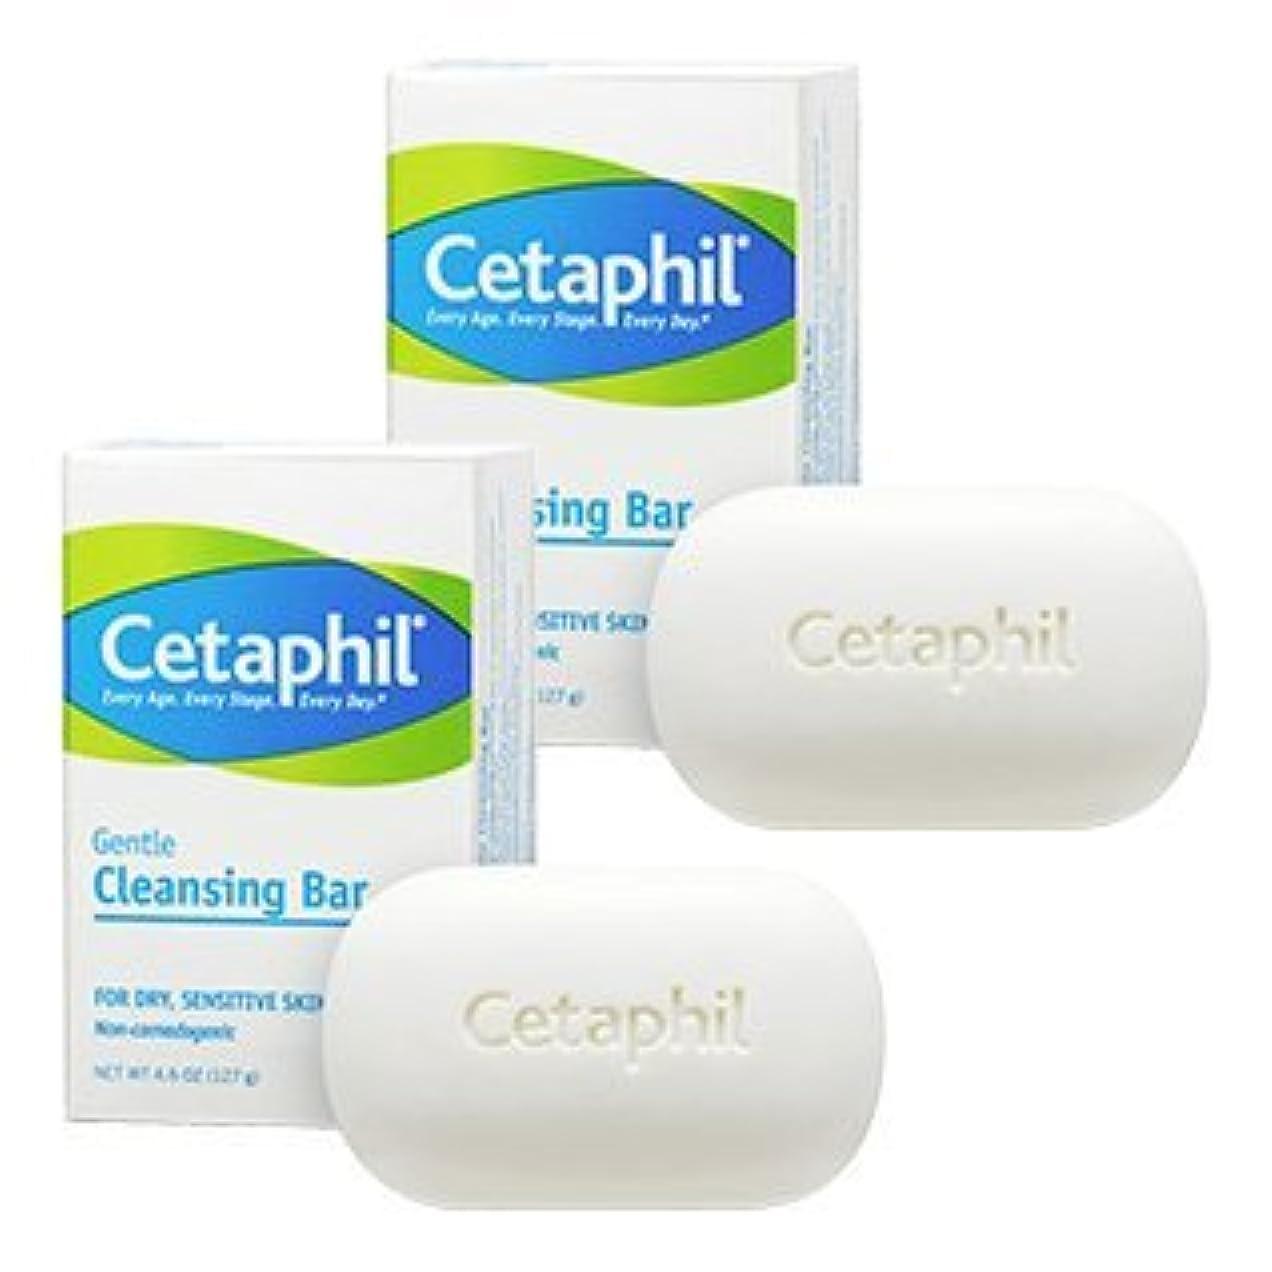 カプセル届けるオーナーセタフィル(Cetaphil) ジェントル クレンジング バー 127g×2個セット [海外直送品][並行輸入品]